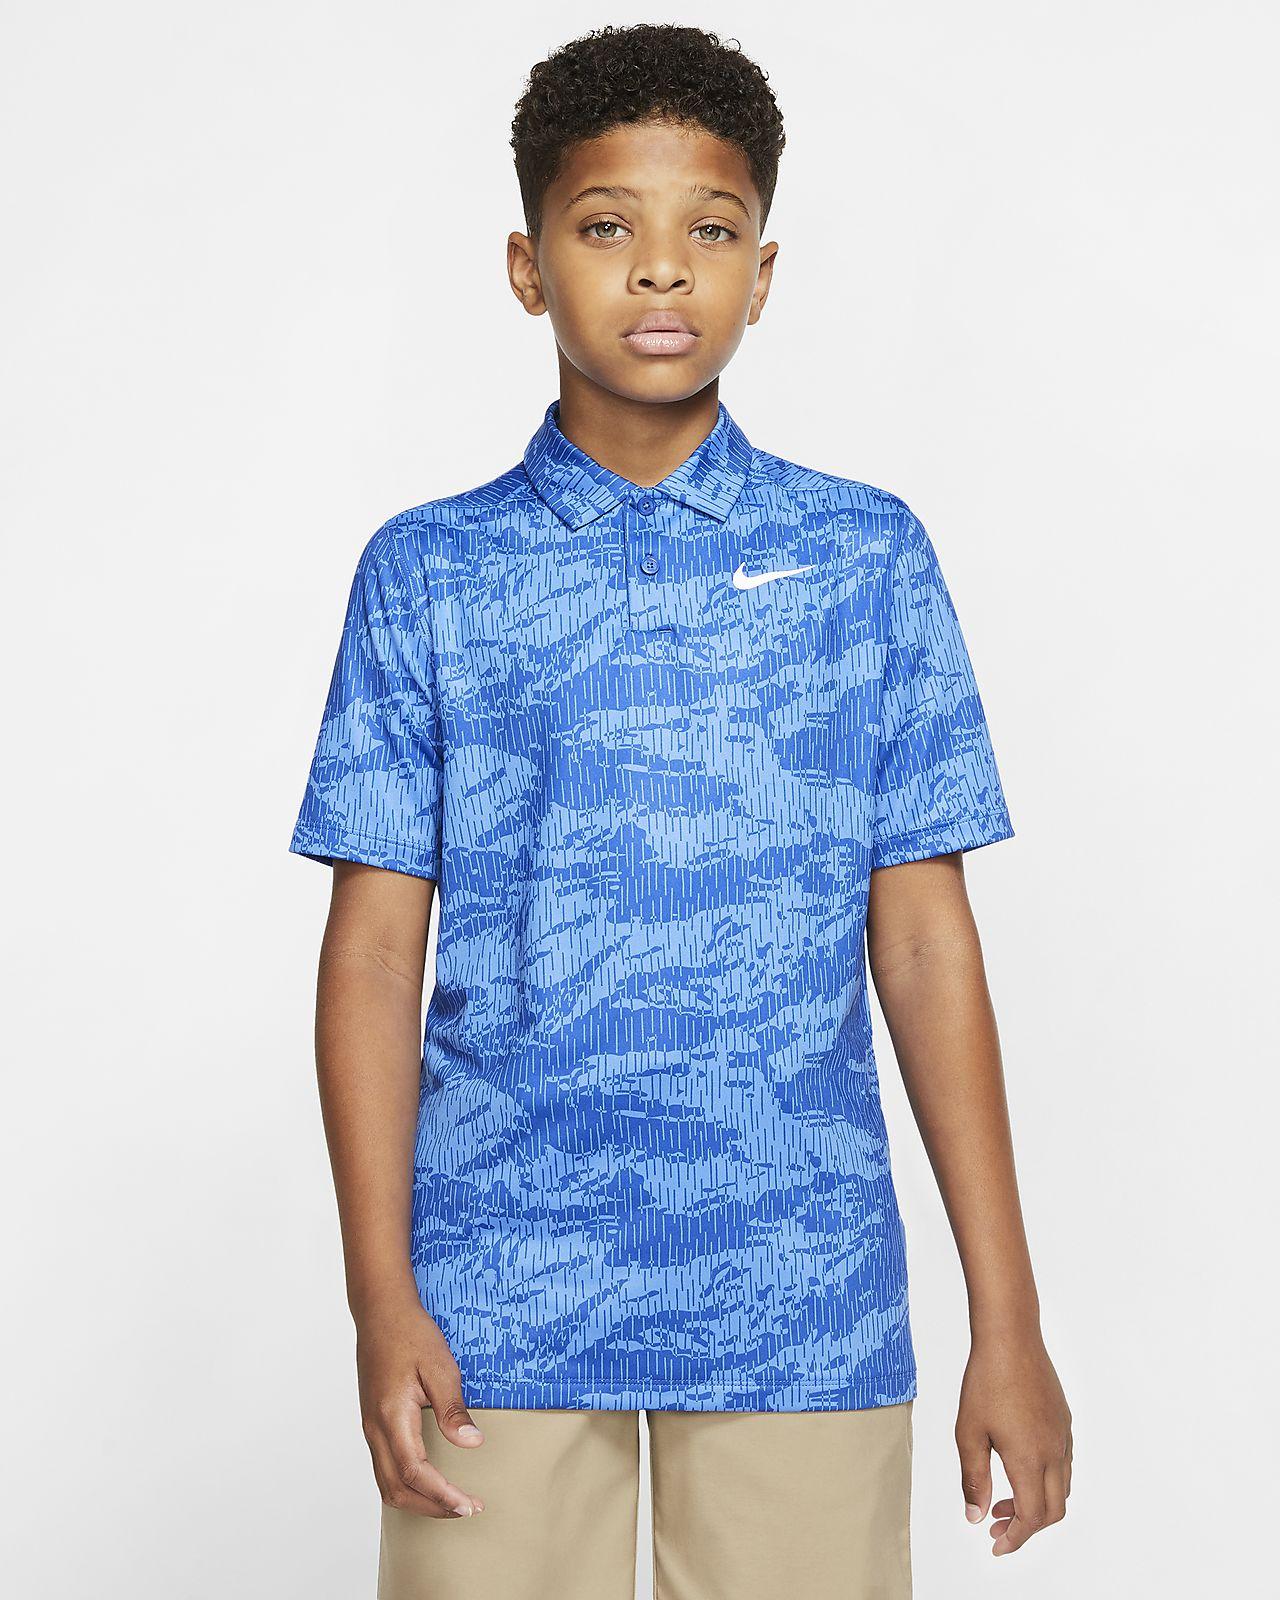 Nike Dri-FIT-golfpolo med print til drenge